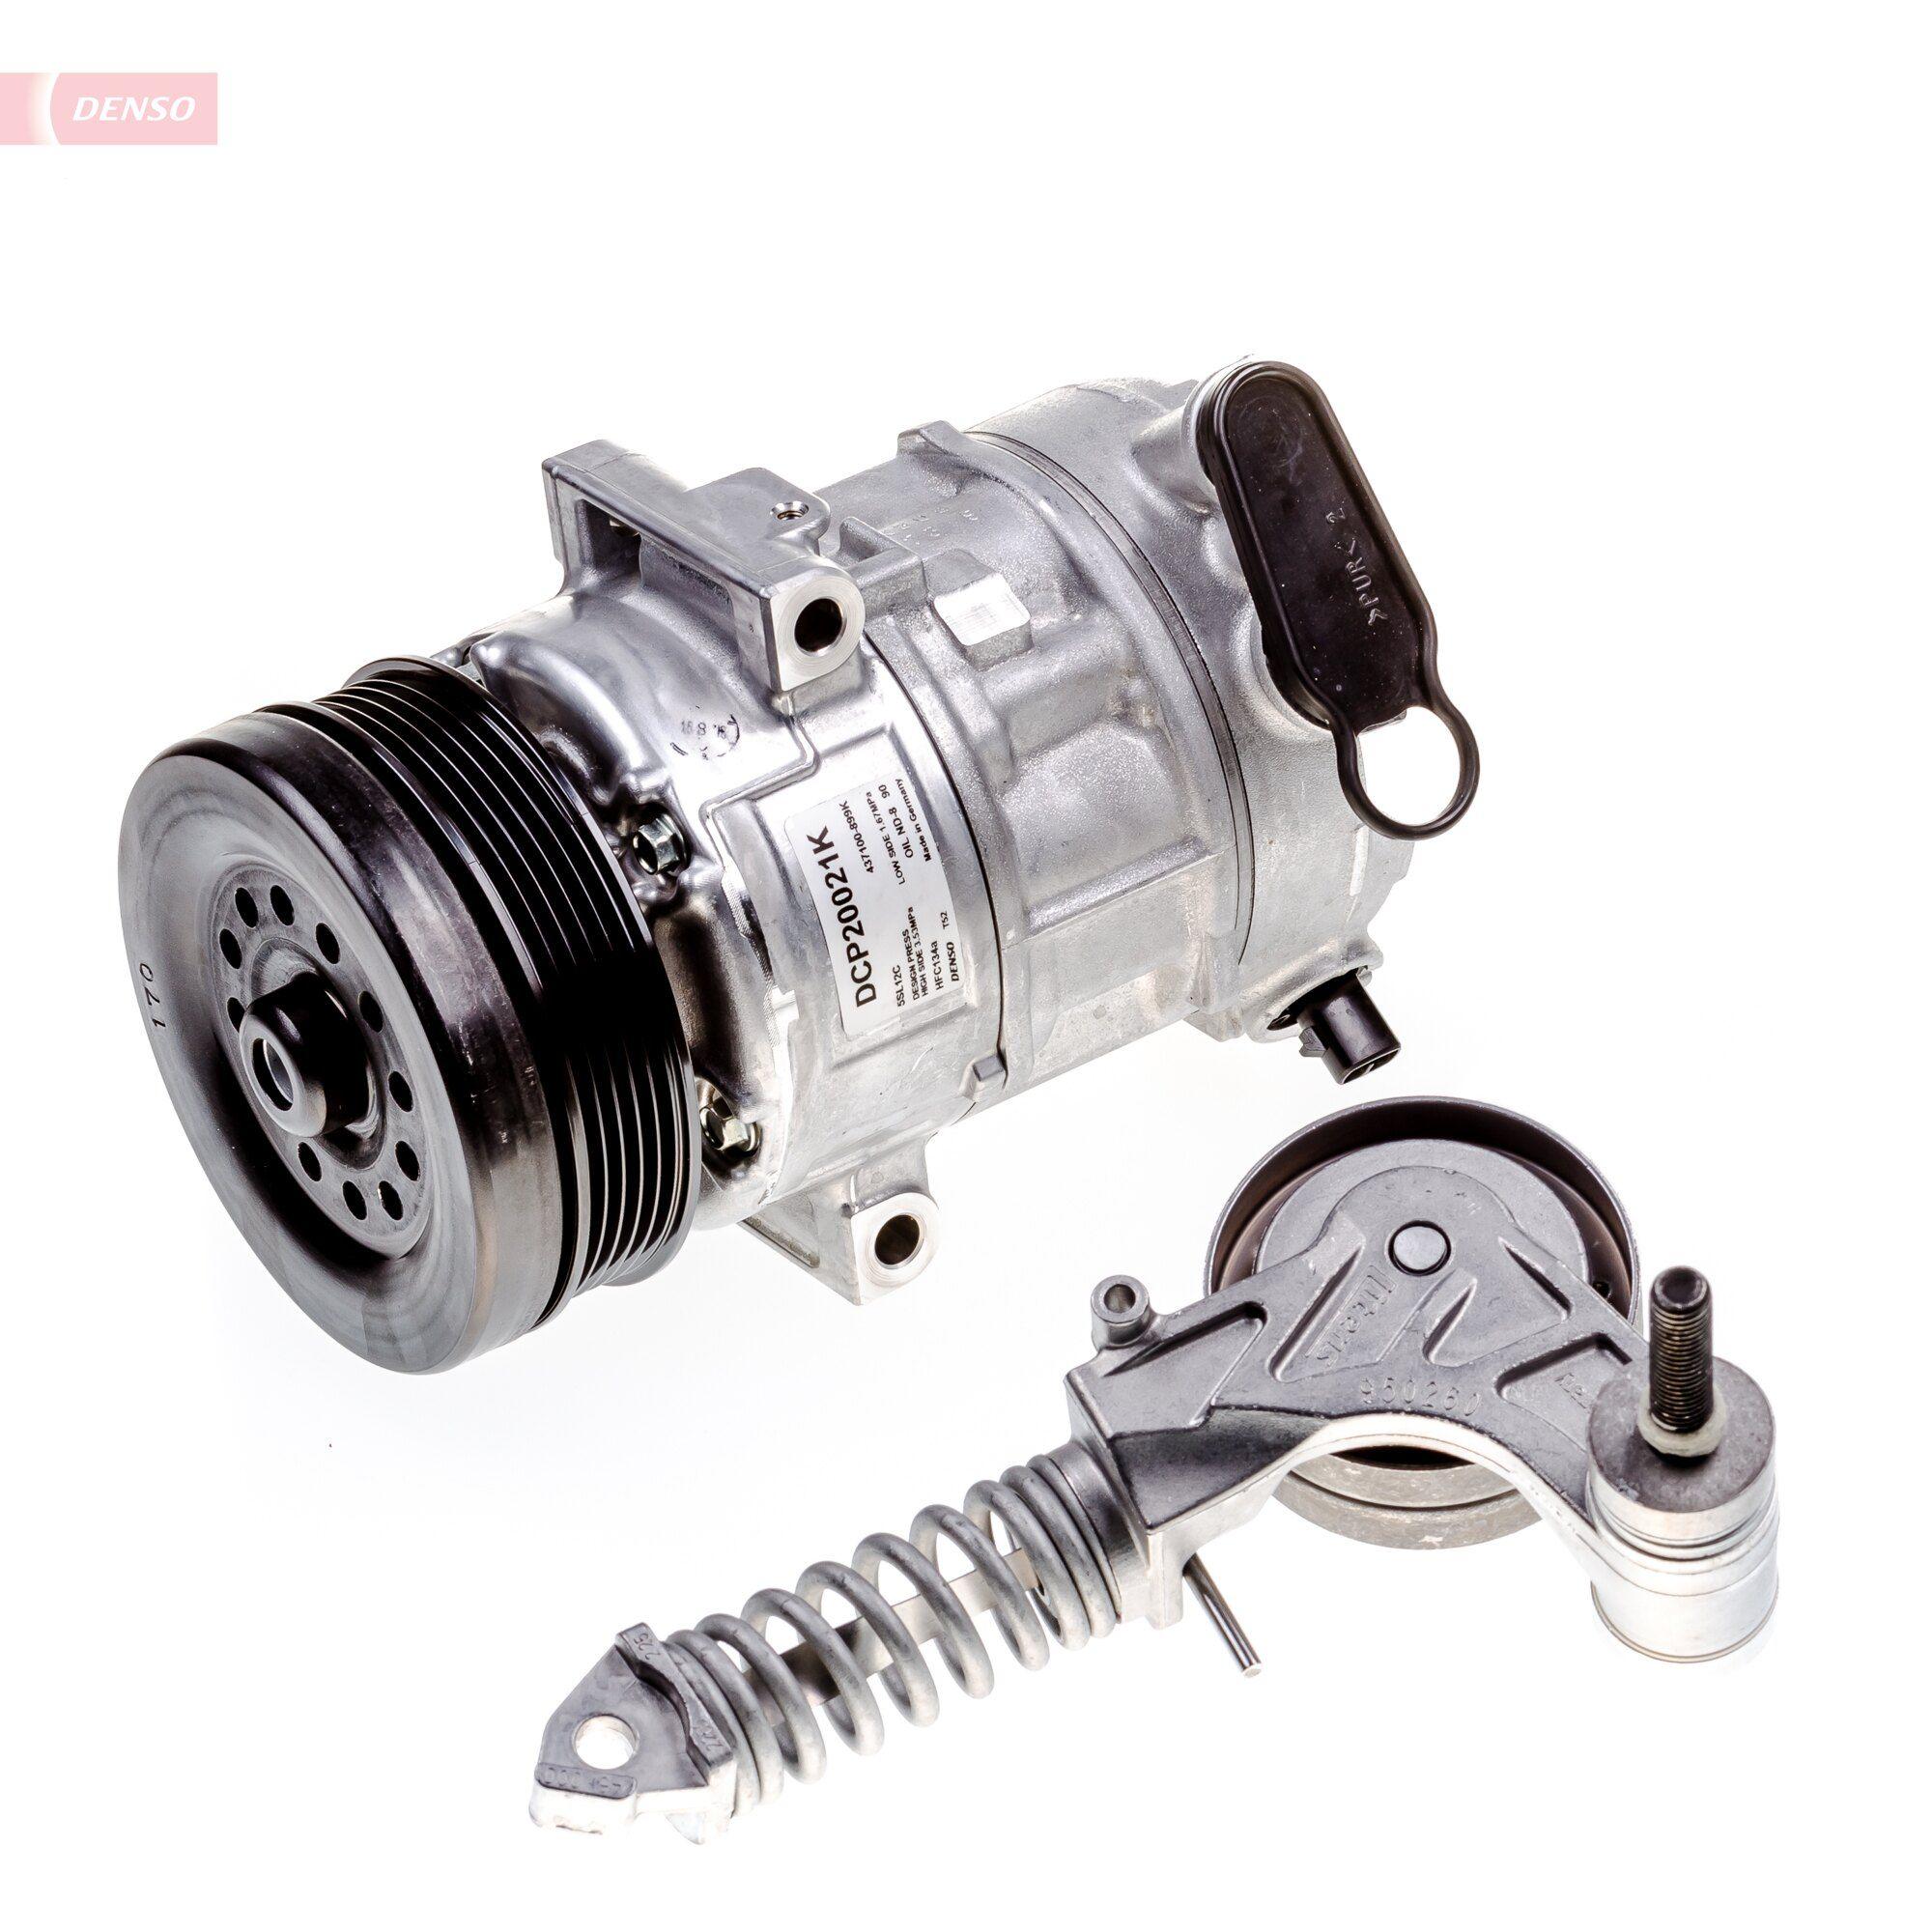 DCP50301 Kältemittelkompressor DENSO Erfahrung